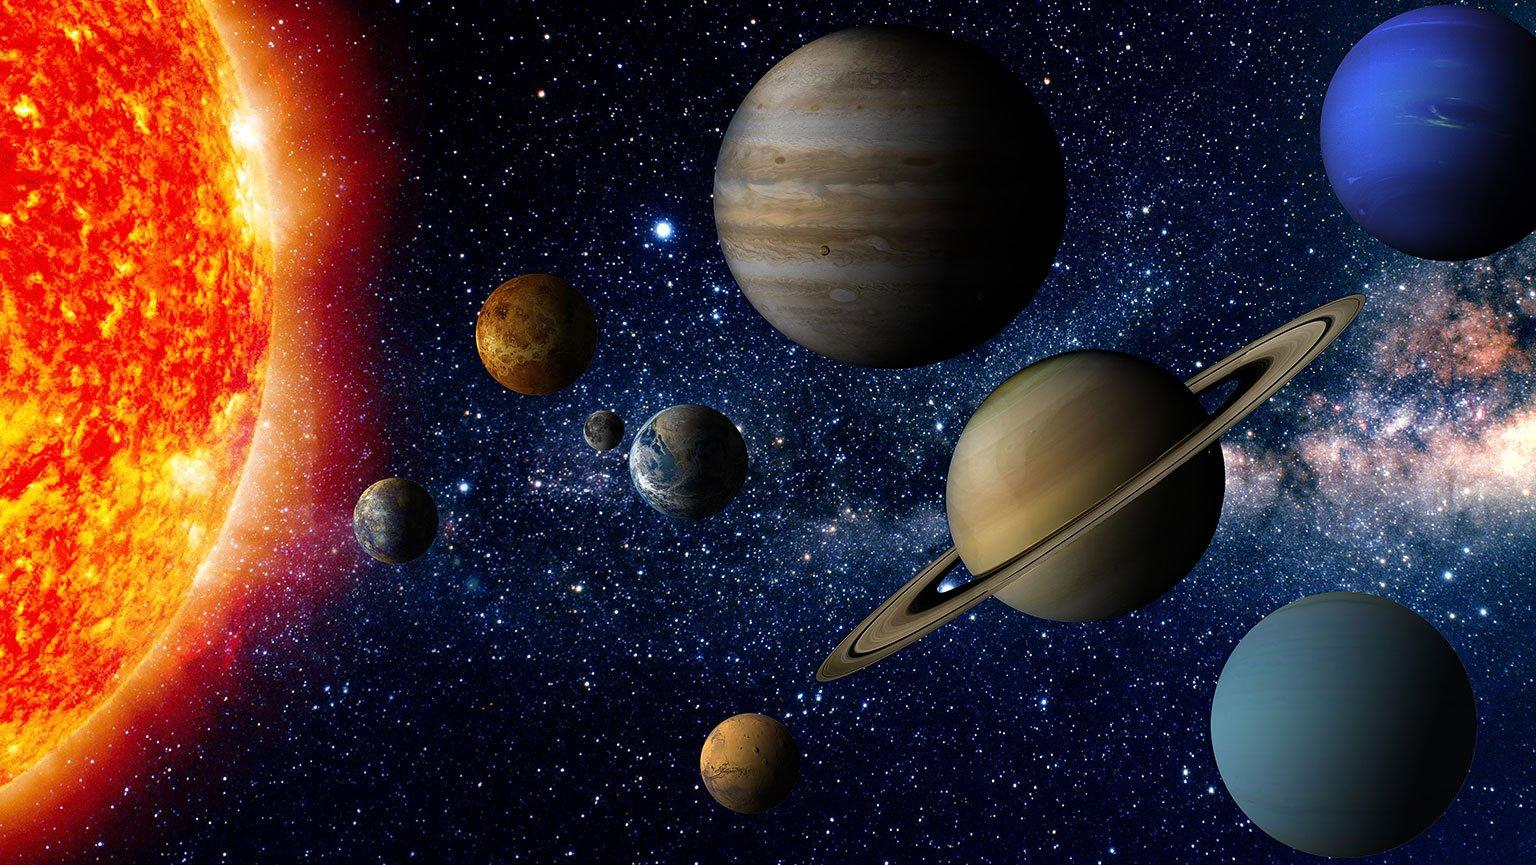 подсунул свою картинки настоящего космоса и всех планет сладкий, тесто кефире